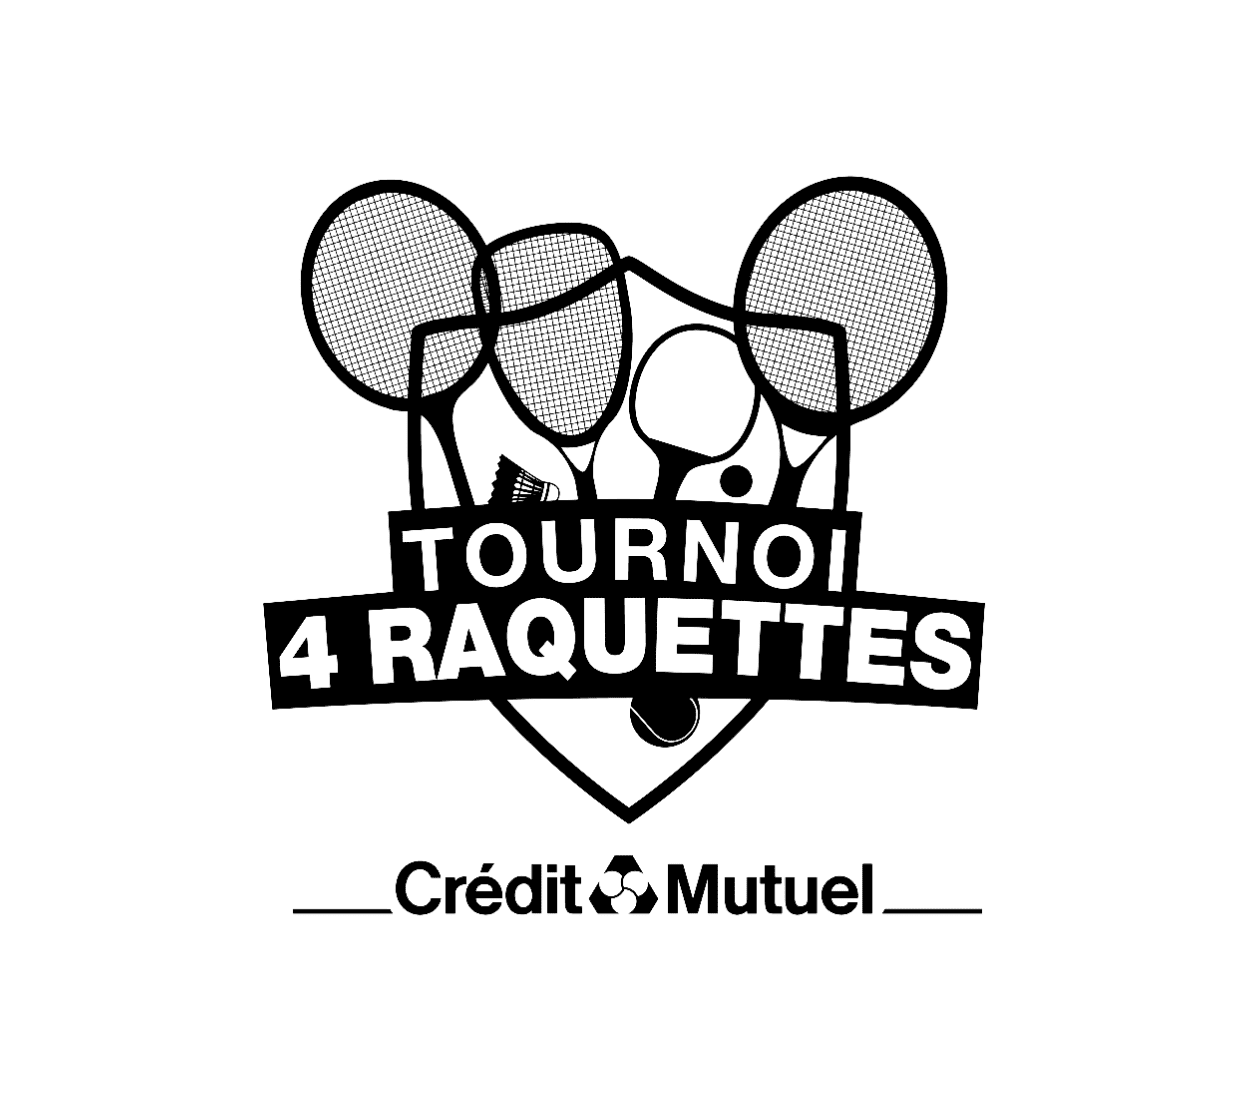 Tournoi 4 raquettes 1 - Arnaud Le Roux - Directeur Artistique Digital & Développeur Front-End